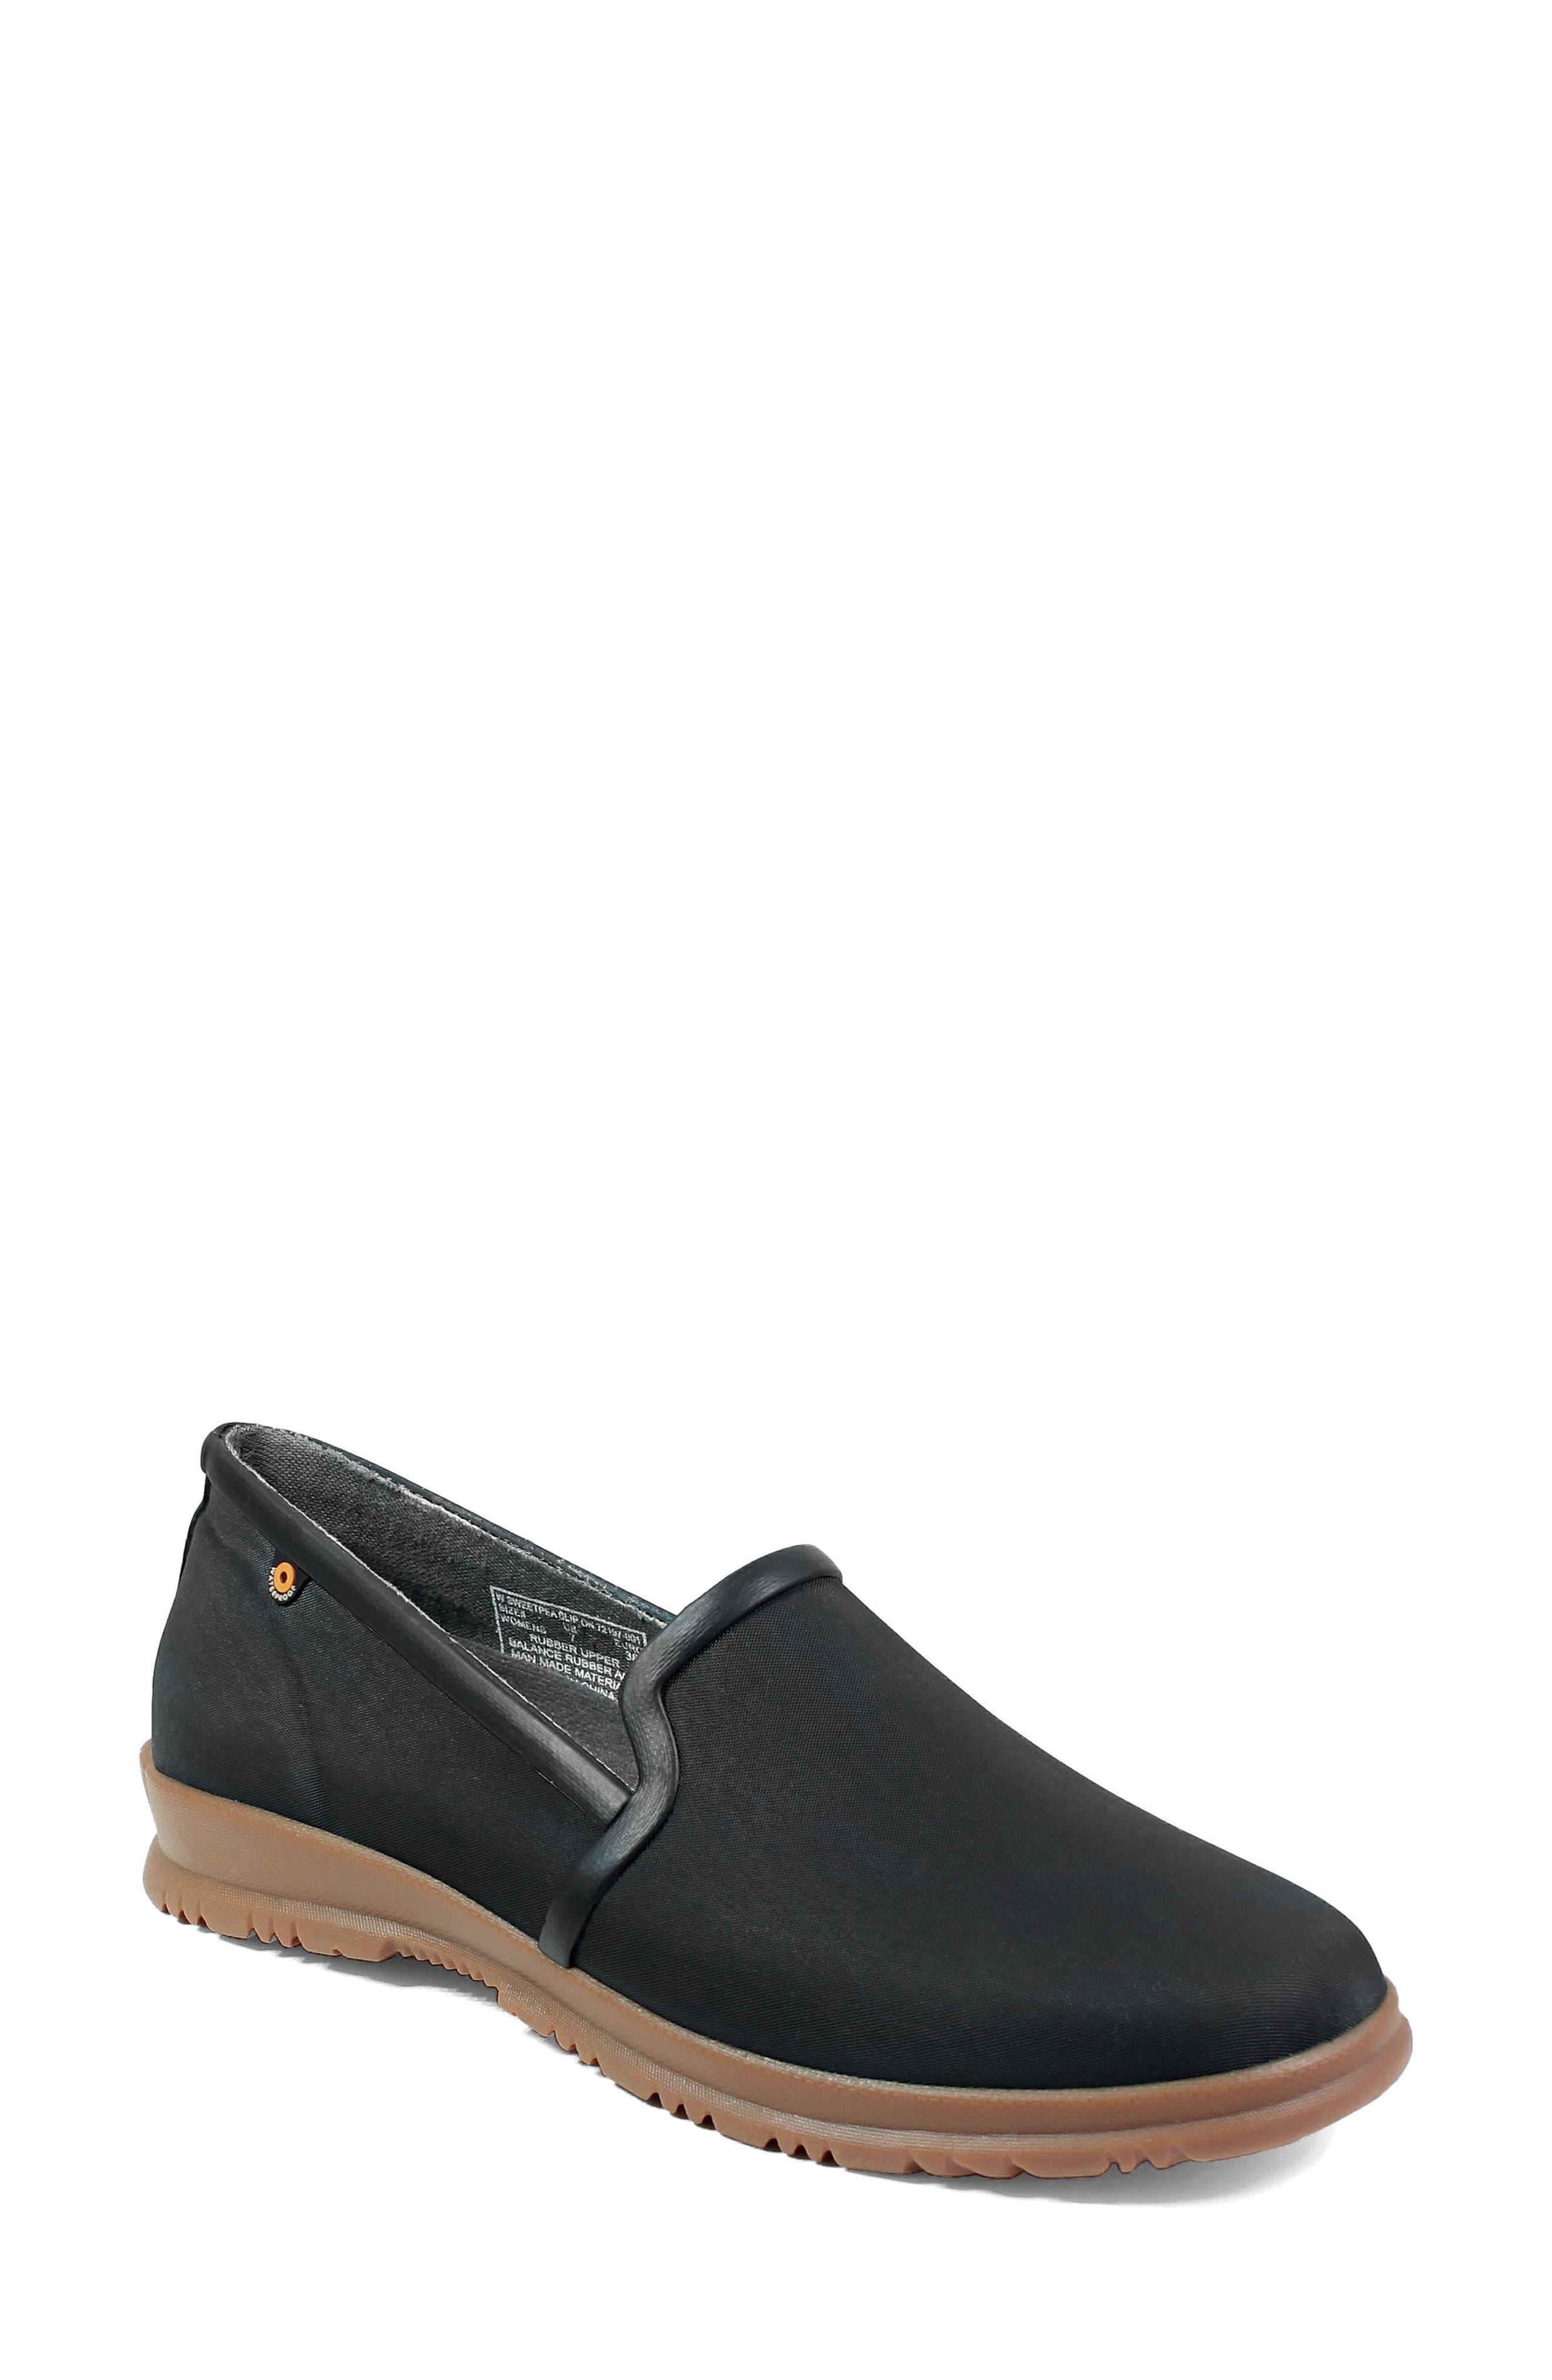 Bogs Sweetpea Waterproof Slip-On Sneaker (Women)